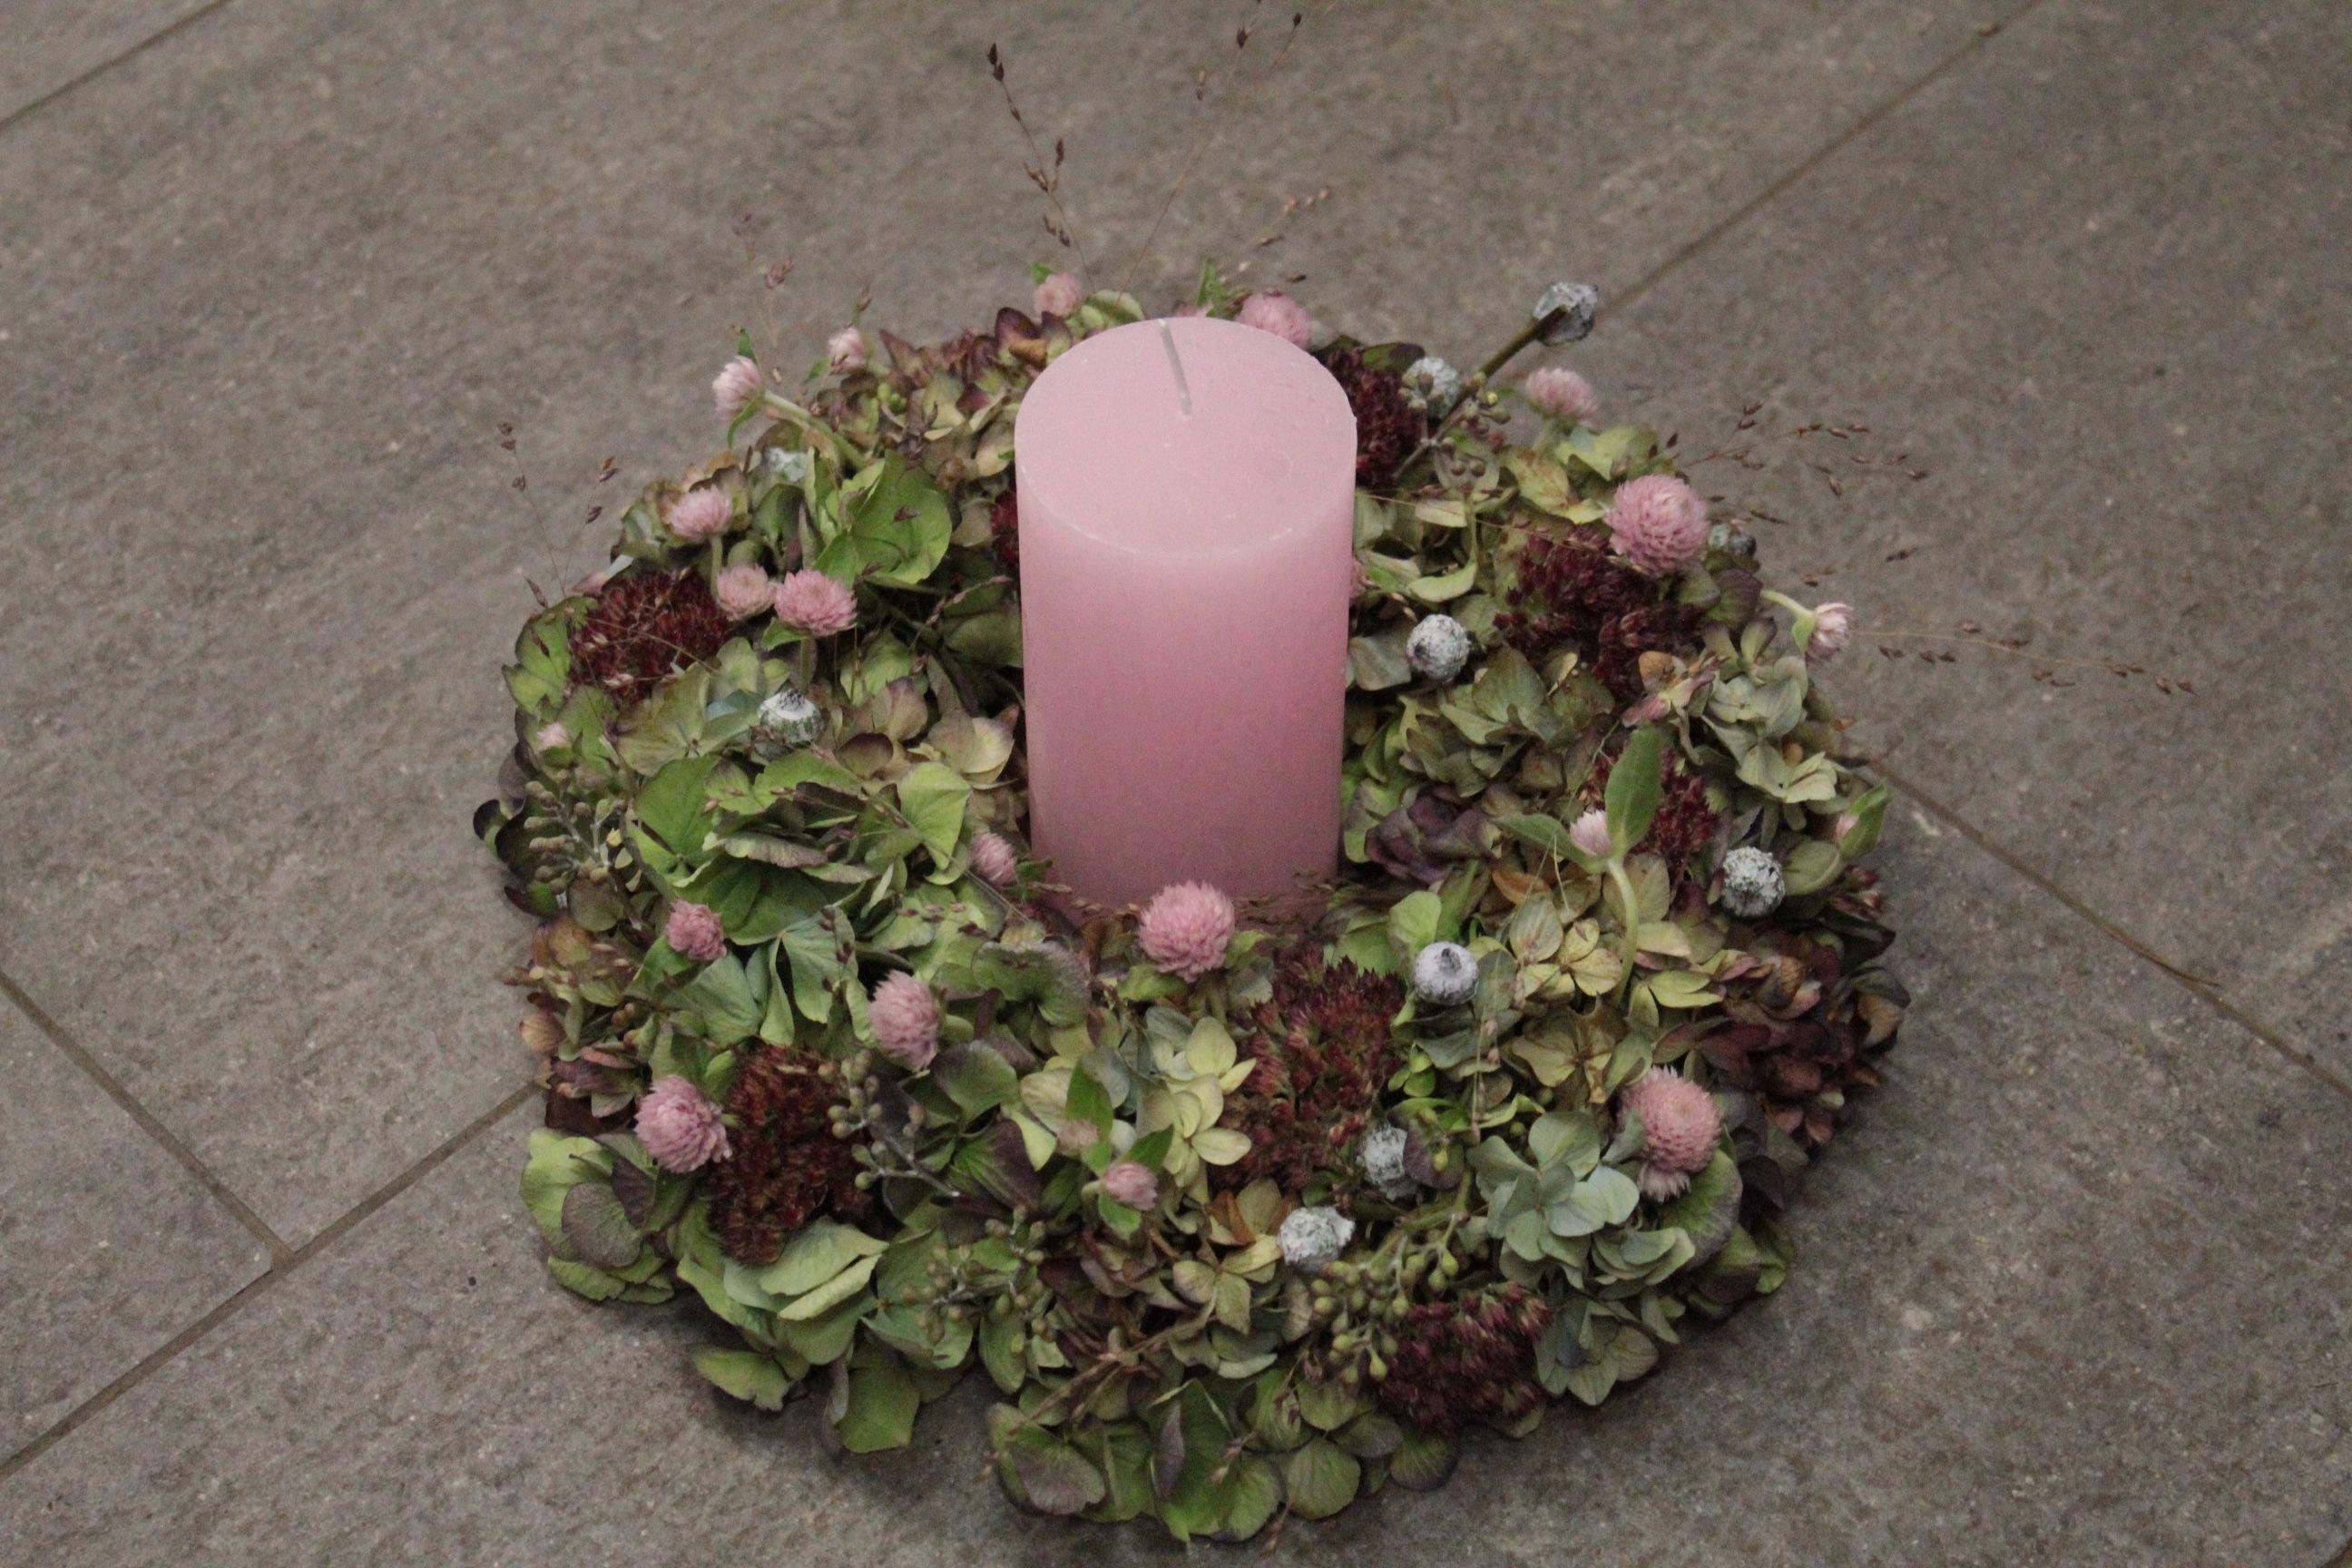 herbstkranz mit rosa Kerze, ausgeliefert im Oberthal ...